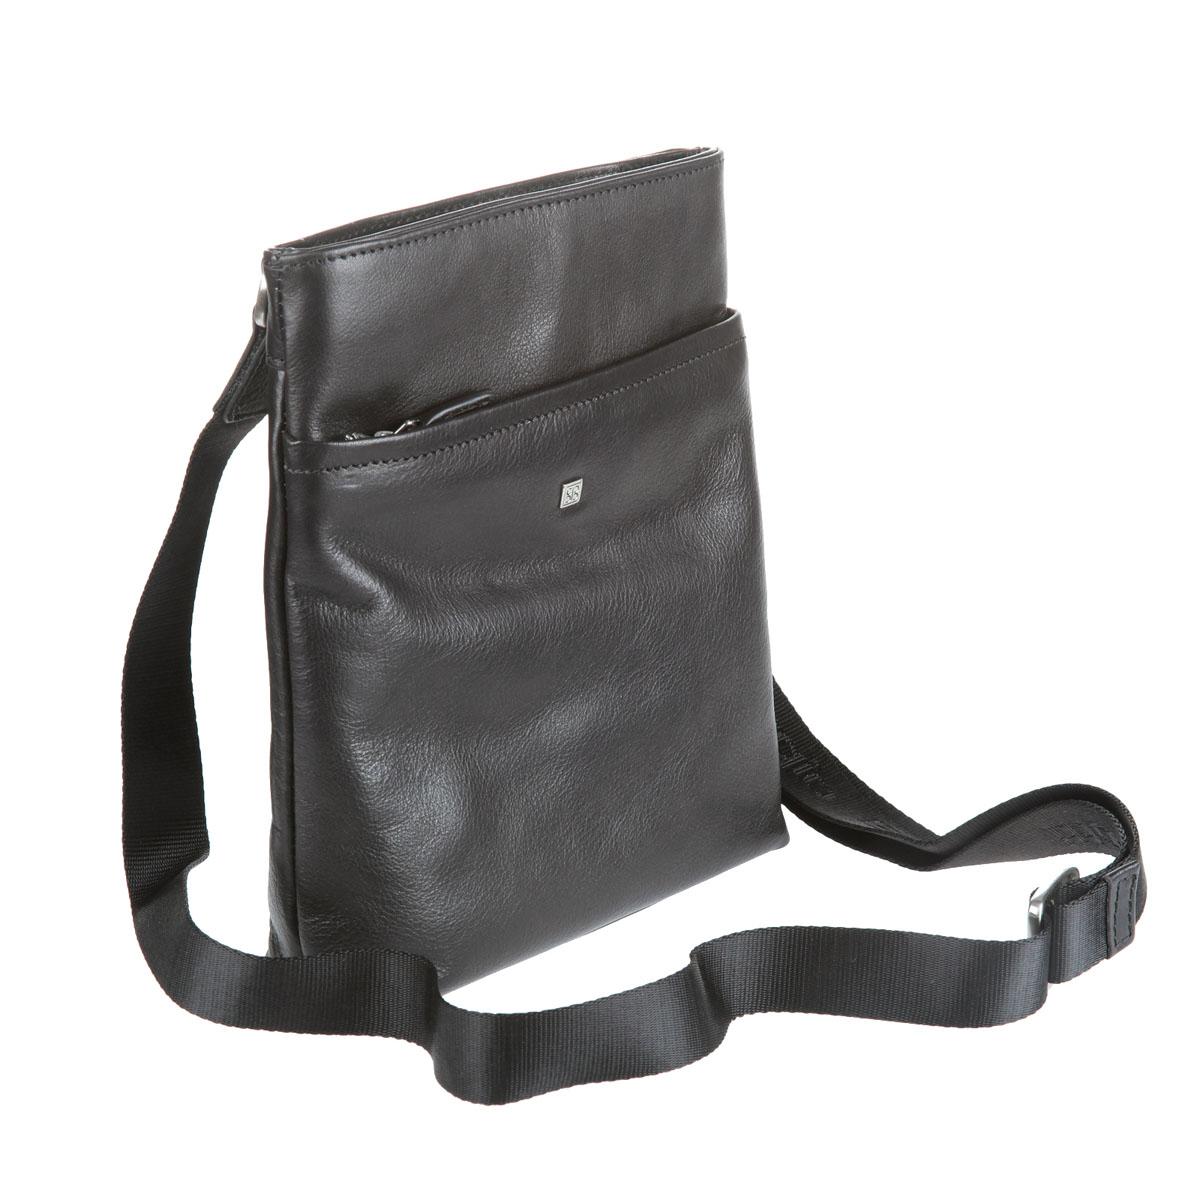 Планшет мужской Sergio Belotti, цвет: черный. 95519551 west blackПланшет Sergio Belotti выполнен из натуральной кожи. Планшет имеет одно вместительное отделение, закрывающееся на застежку-молнию. Внутри - вшитый карман на молнии, накладной карман для мобильного телефона и фиксатор для ручки. На лицевой стороне расположен вшитый карман на молнии, содержащий внутри четыре наборных кармашка для кредиток. На задней стенке - дополнительный карман на молнии. Планшет имеет плечевой ремень регулируемой длины. К планшету прилагается чехол для хранения. Этот стильный аксессуар станет изысканным дополнением к вашему образу.